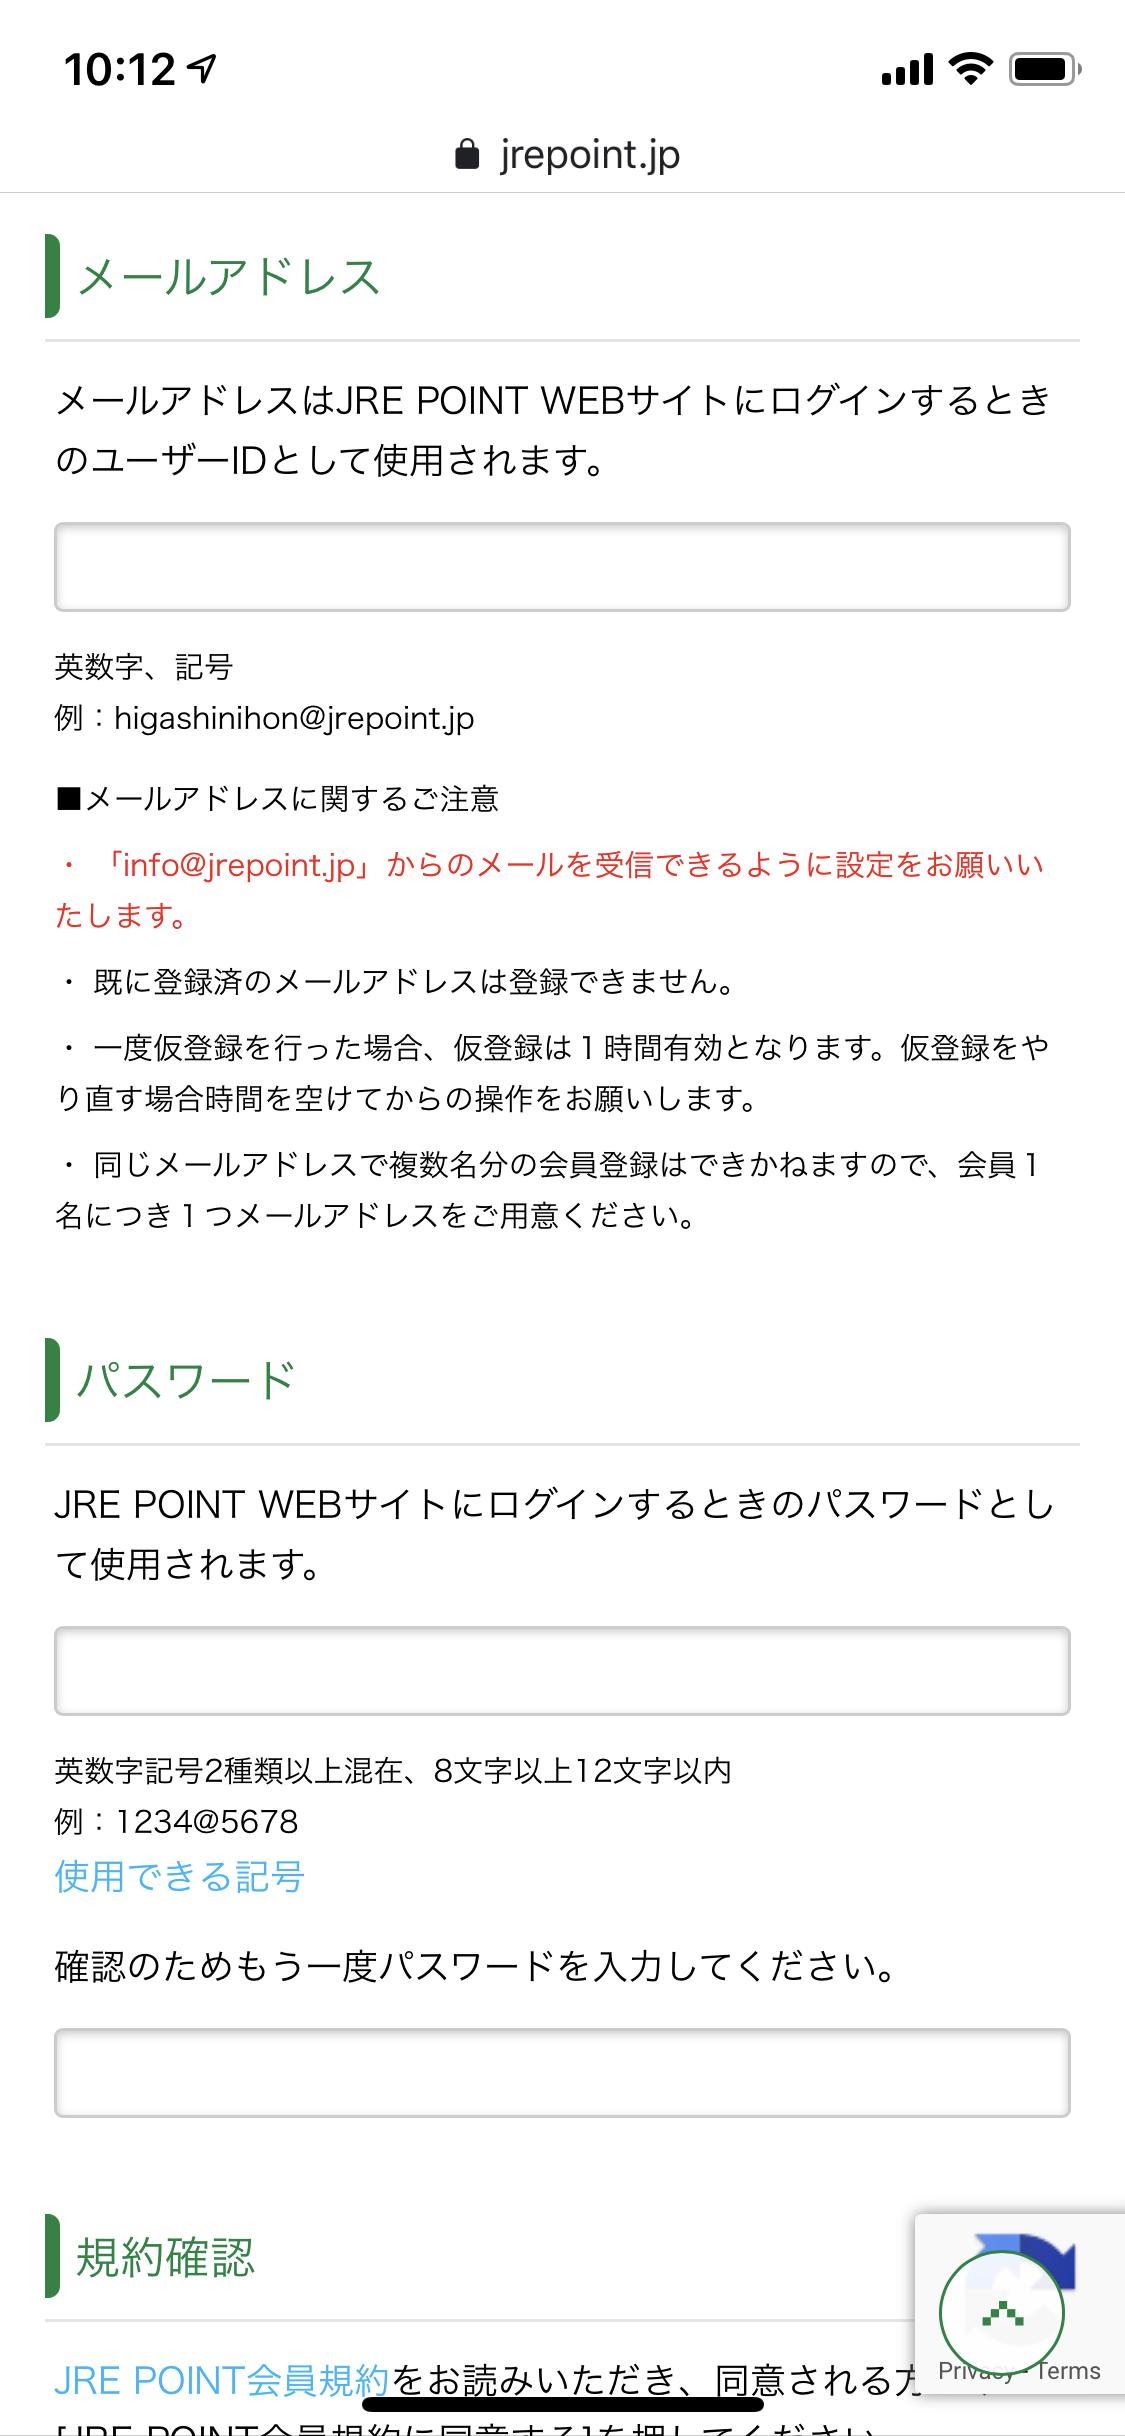 jrepoint2